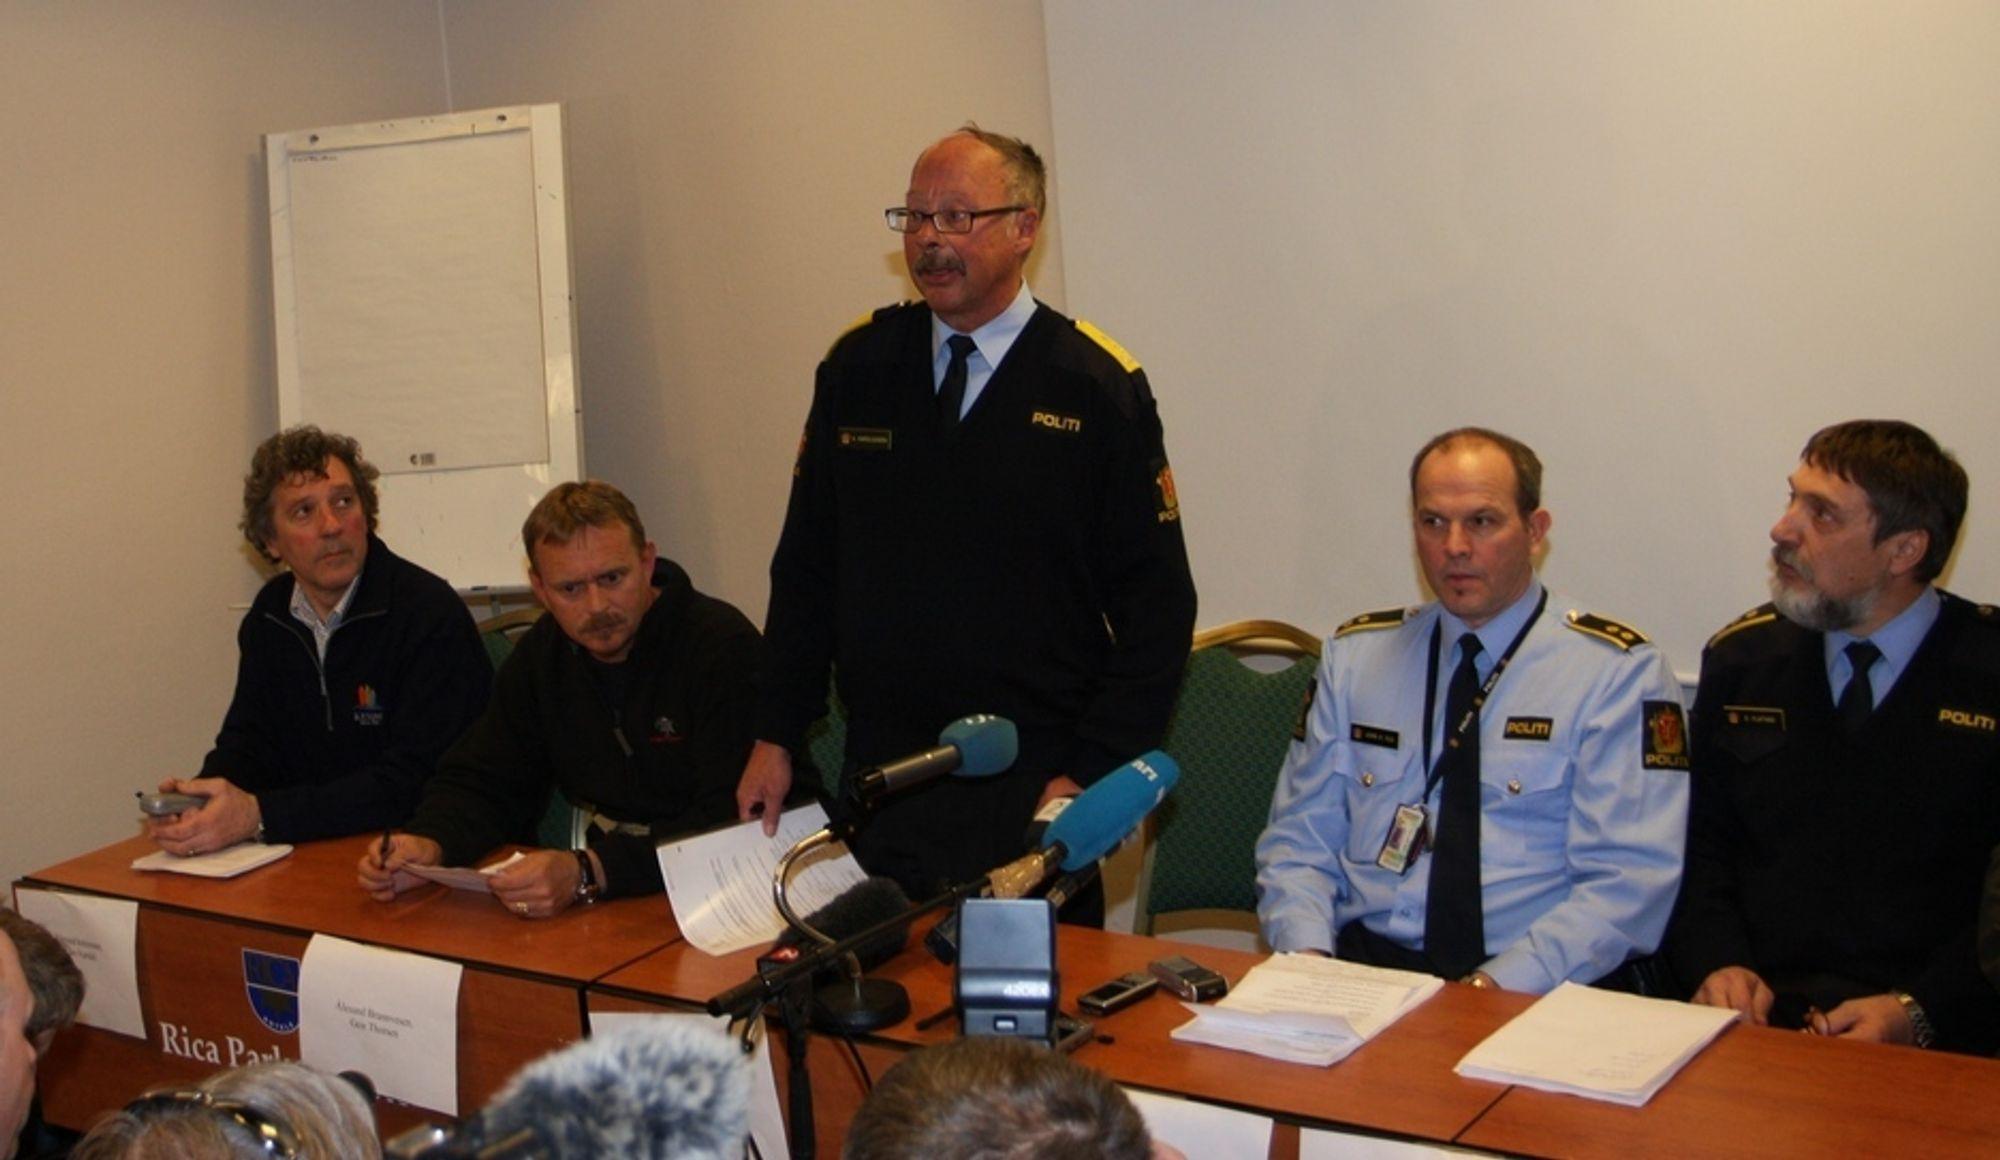 - I samråd med de pårørende frigir vi navnene på de savnede, sa politimester Arne Karoliussen under pressekonferansen på Rica Parken Hotell i dag.